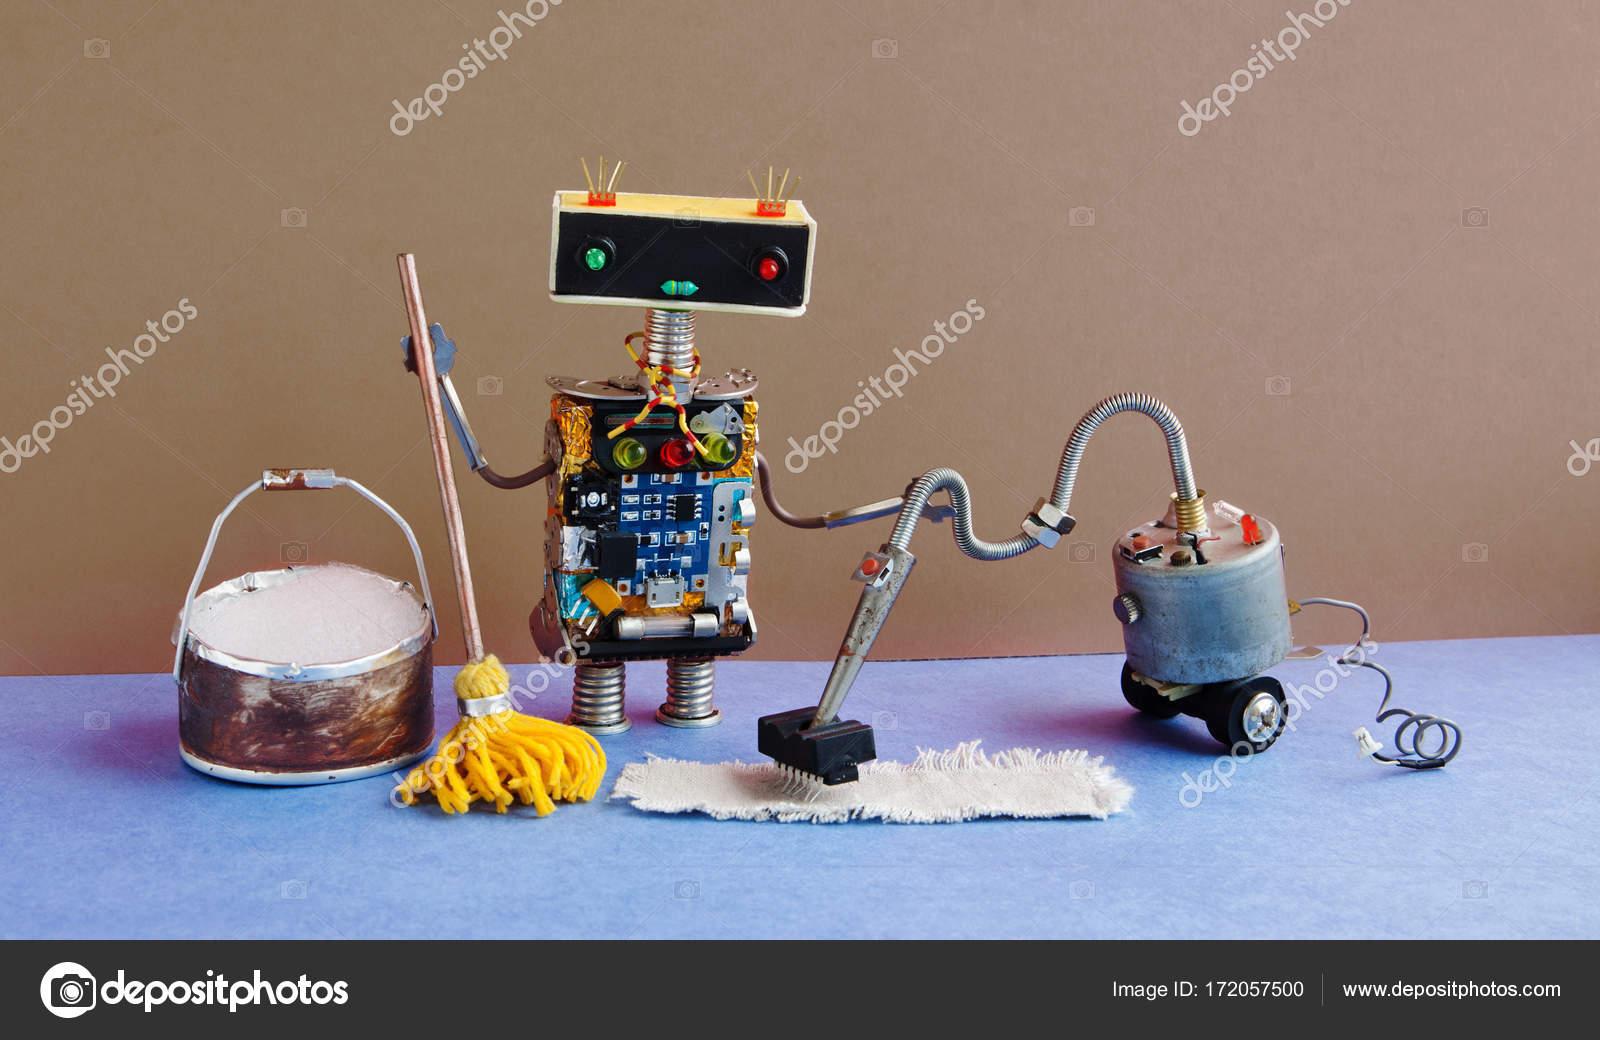 cyborg spielzeug mit staubsauger maschine gelbe mop. Black Bedroom Furniture Sets. Home Design Ideas